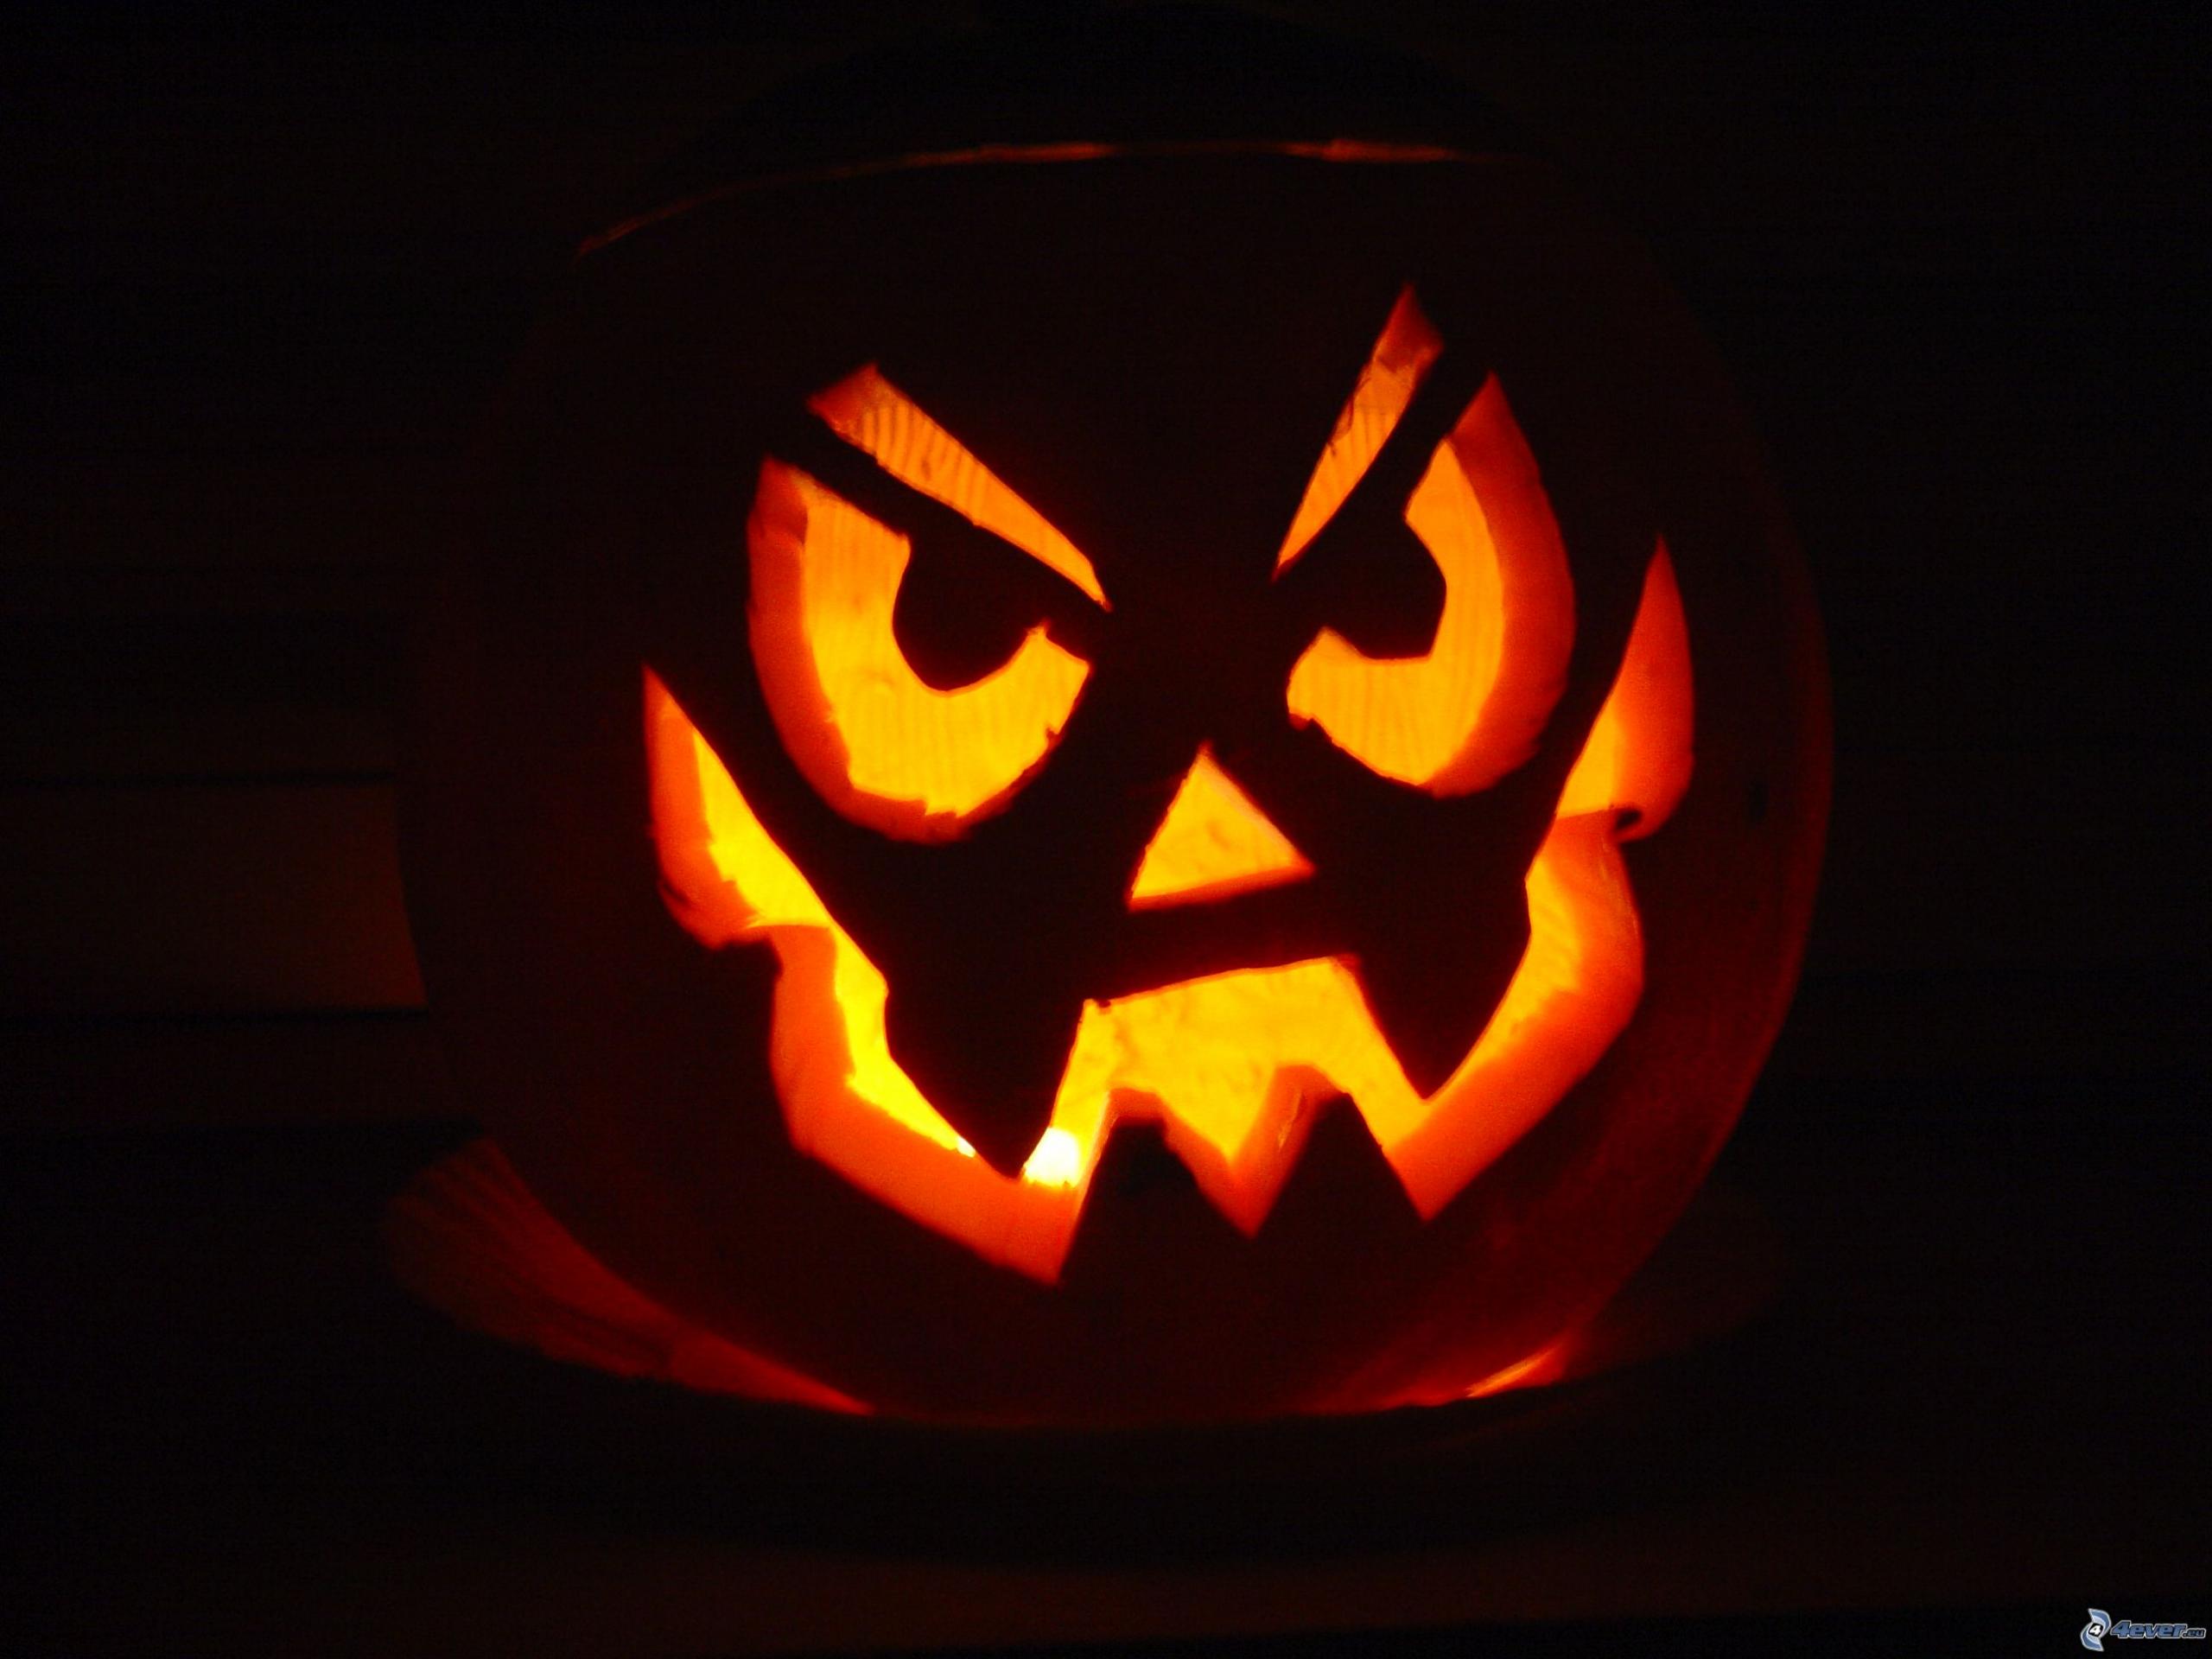 Dessins En Couleurs À Imprimer : Citrouille, Numéro : 389852 dedans Dessin Halloween Citrouille A Imprimer Gratuit